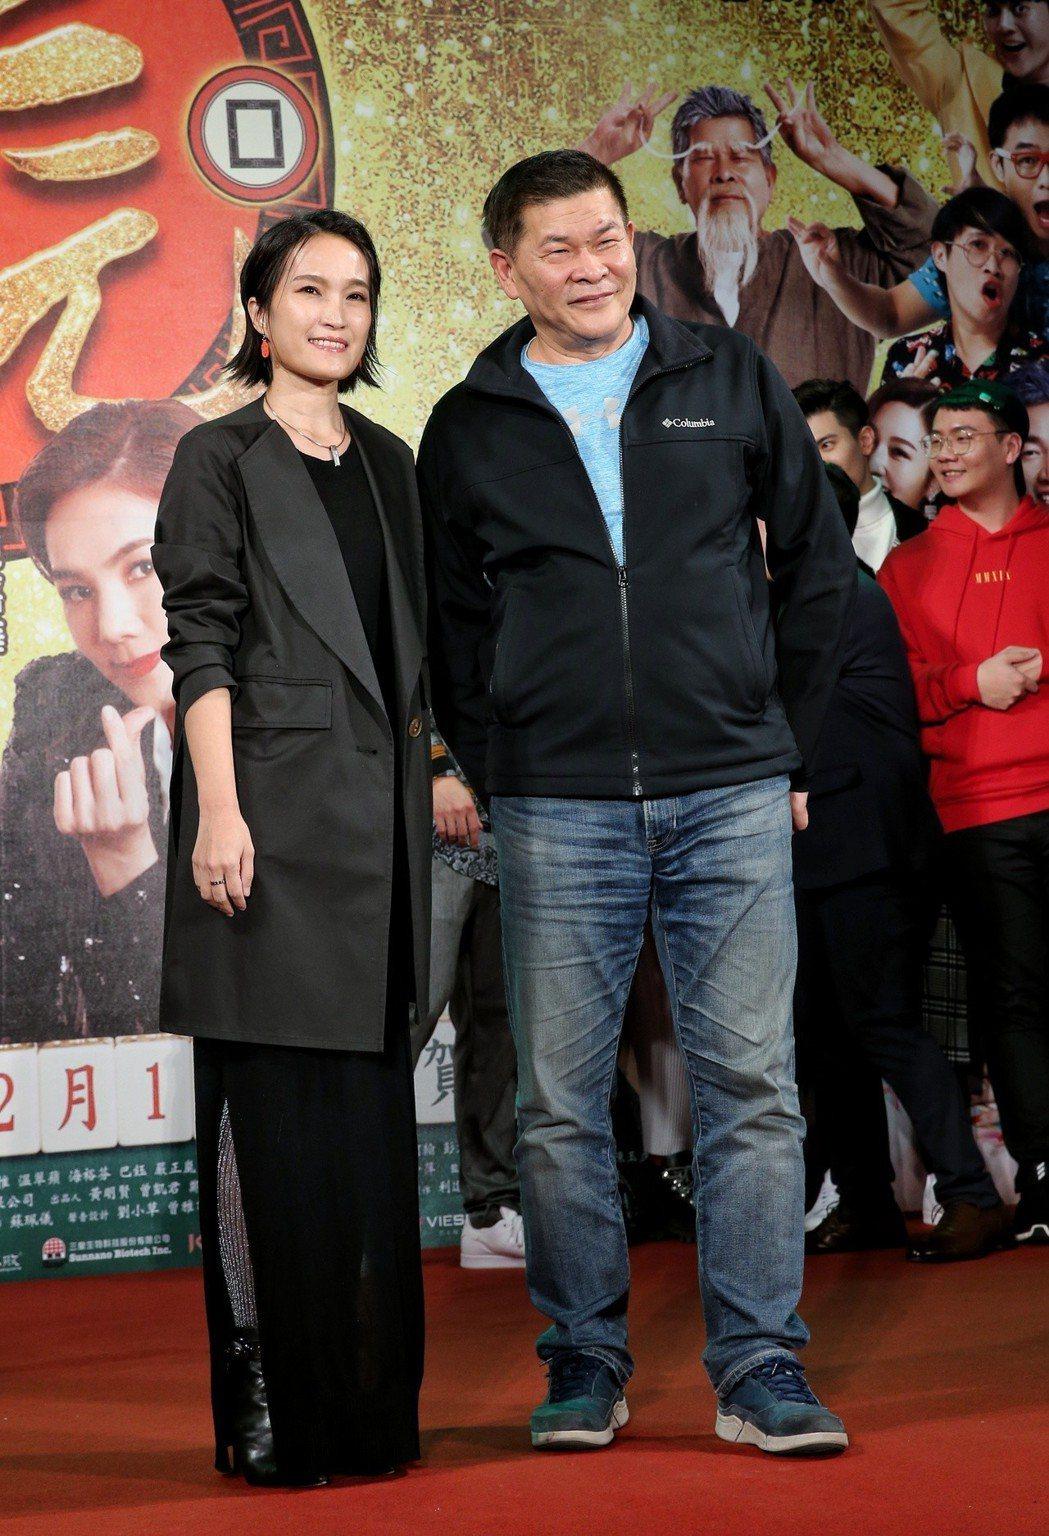 「大三元」導演陳怡妤(左)、監製澎恰恰(右)出席電影首映。記者鄭清元/攝影